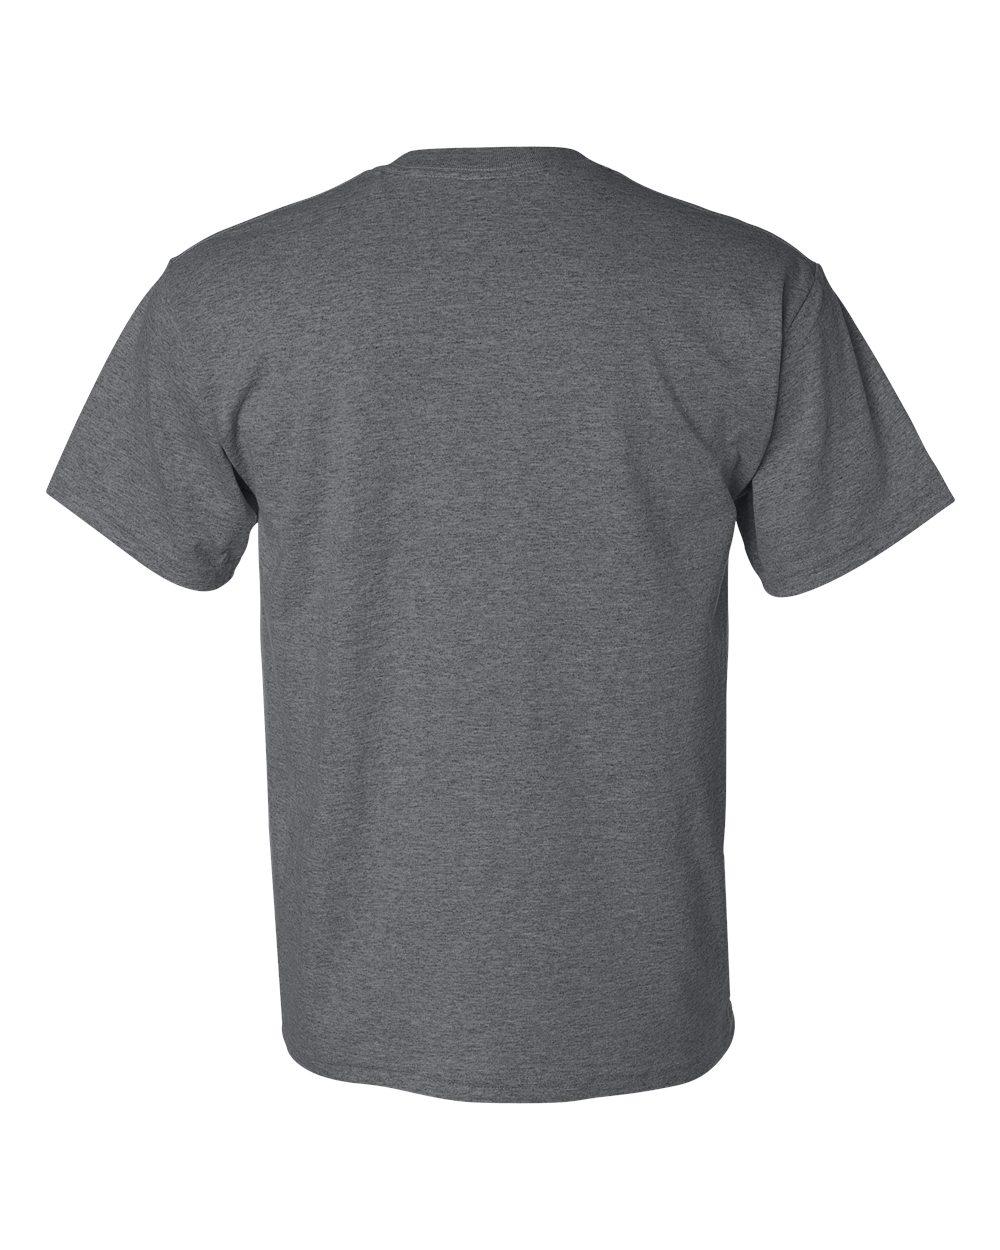 Gildan-Mens-DryBlend-5-6-oz-50-50-T-Shirt-G800-Size-S-5XL thumbnail 21